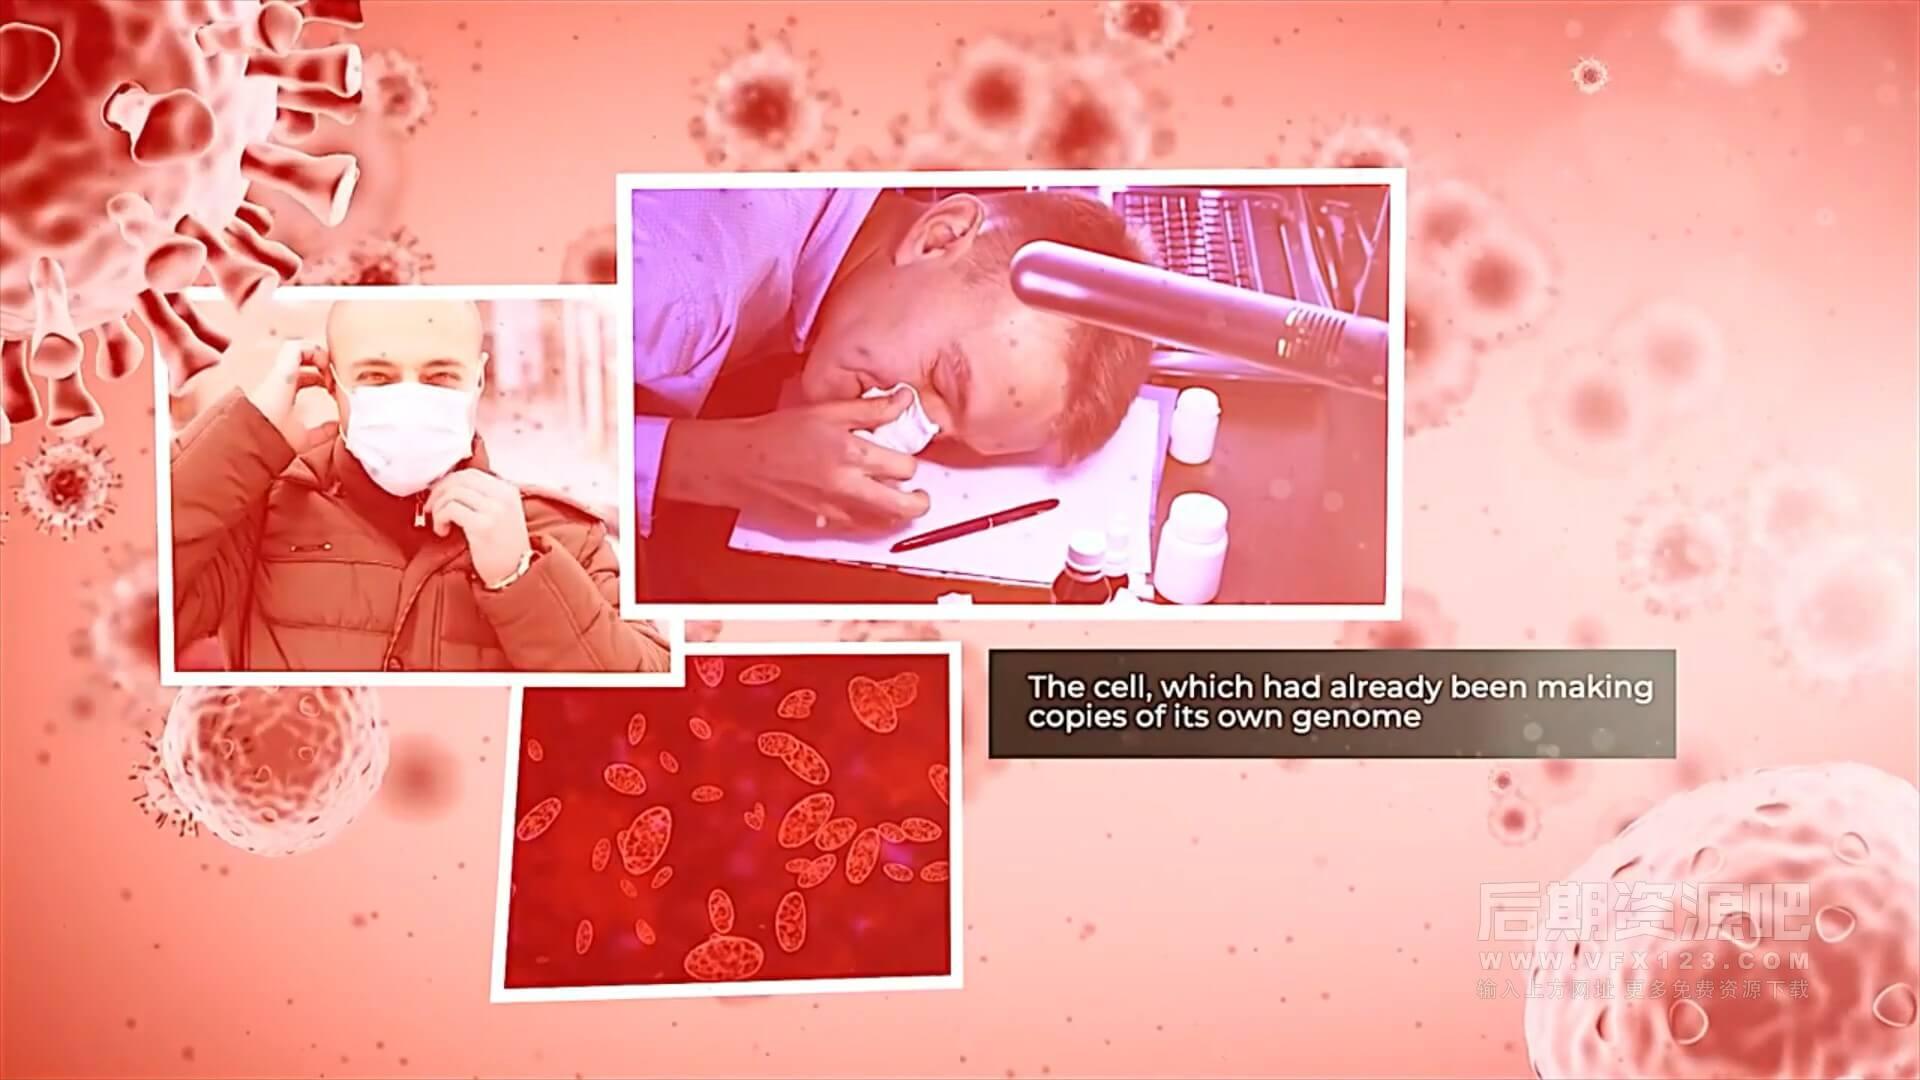 fcpx主题模板 战疫情抗病毒宣传纪录片片头模板 The Virus